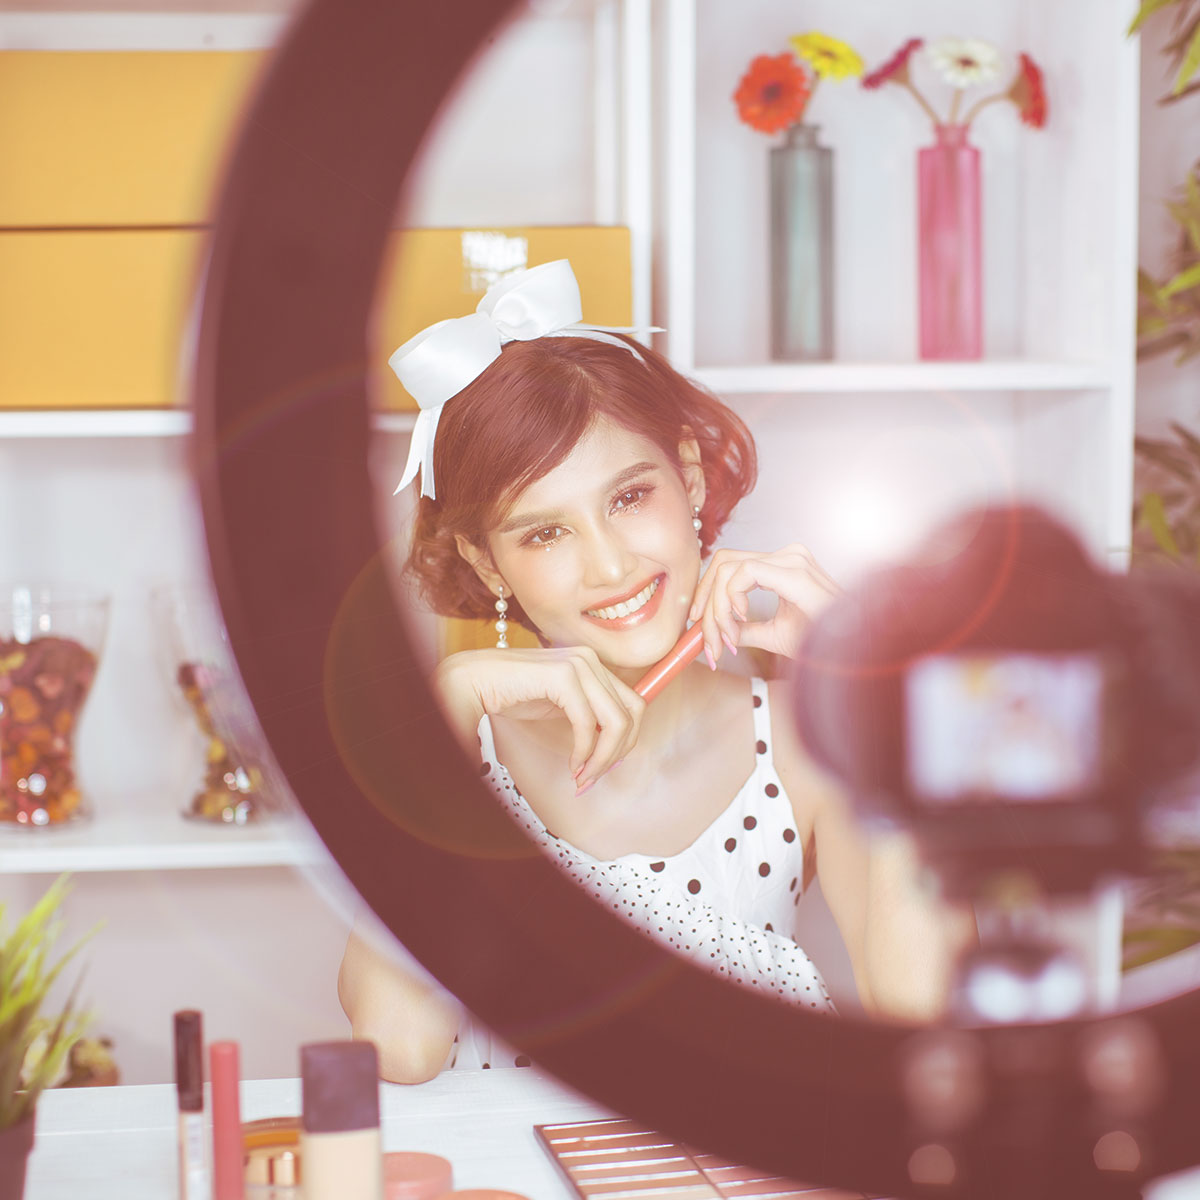 Blog - Vlog - Creación de Contenido - Influencer